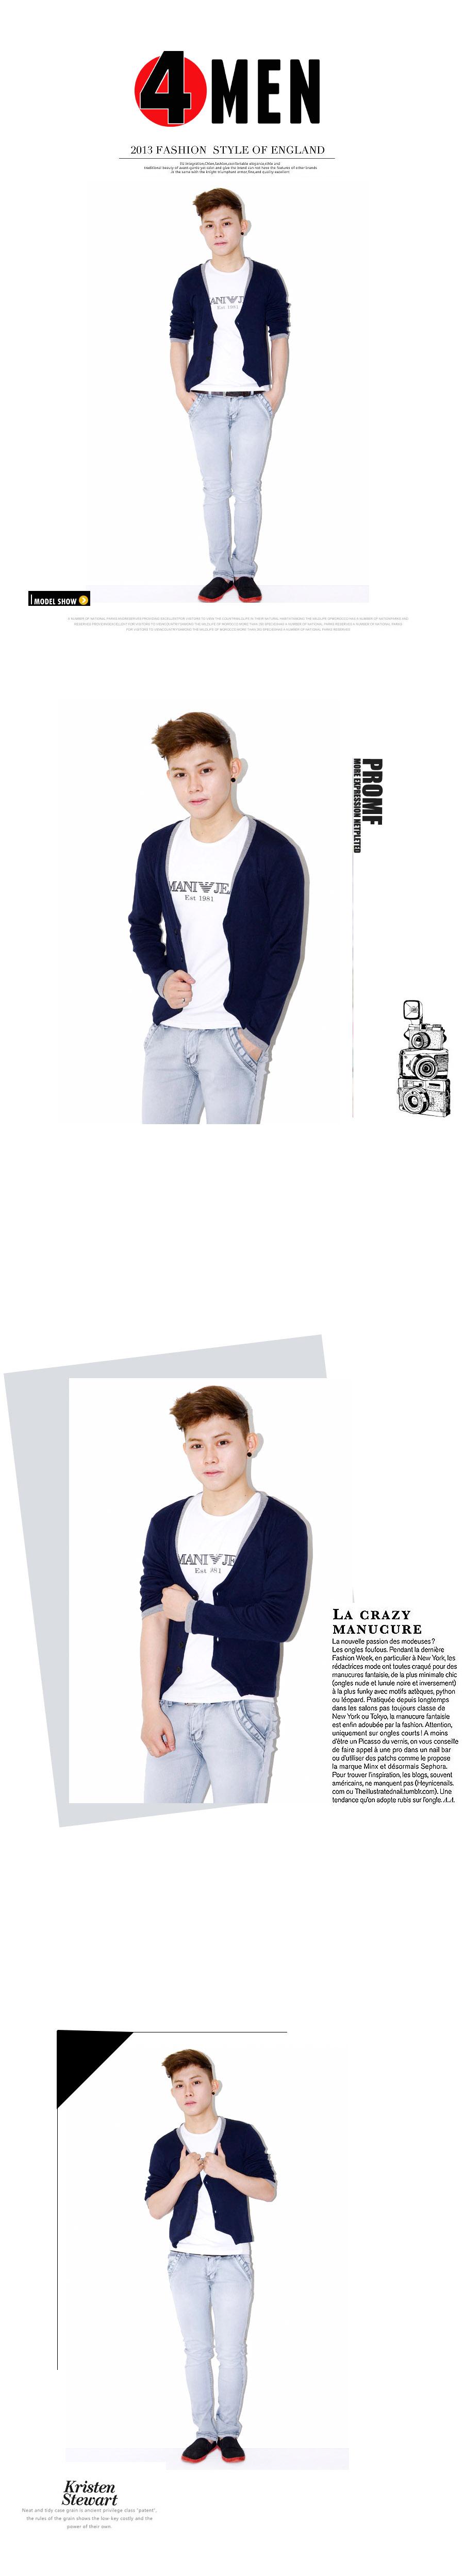 Áo khoác cardigan xanh đen ac056 - 1